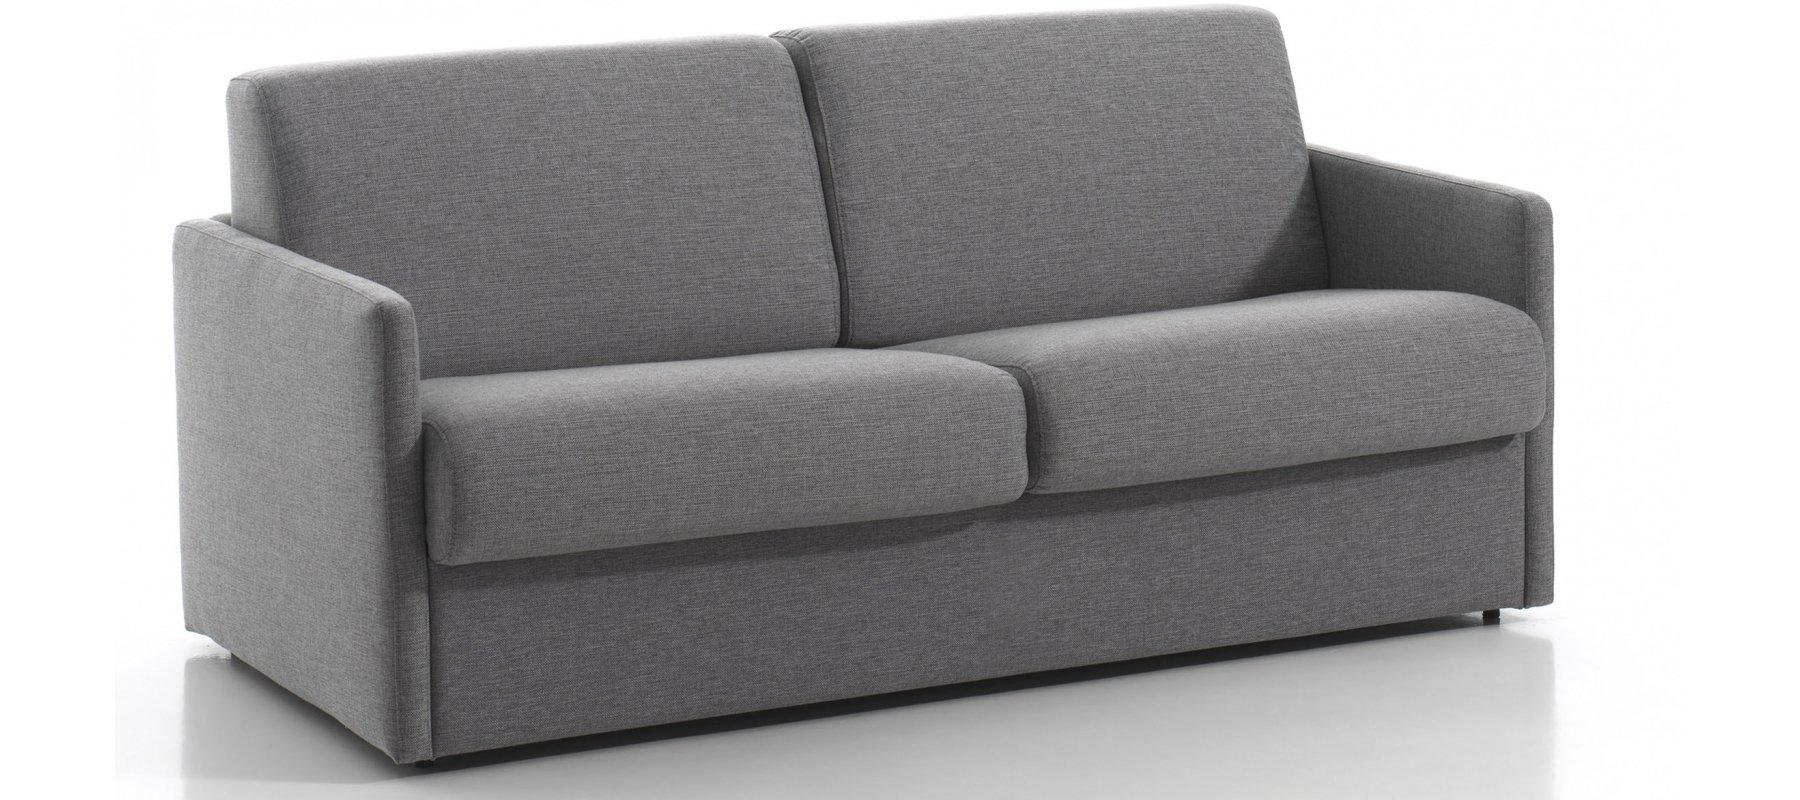 canap convertible gain de place montpellier matelas confort 120 cm. Black Bedroom Furniture Sets. Home Design Ideas